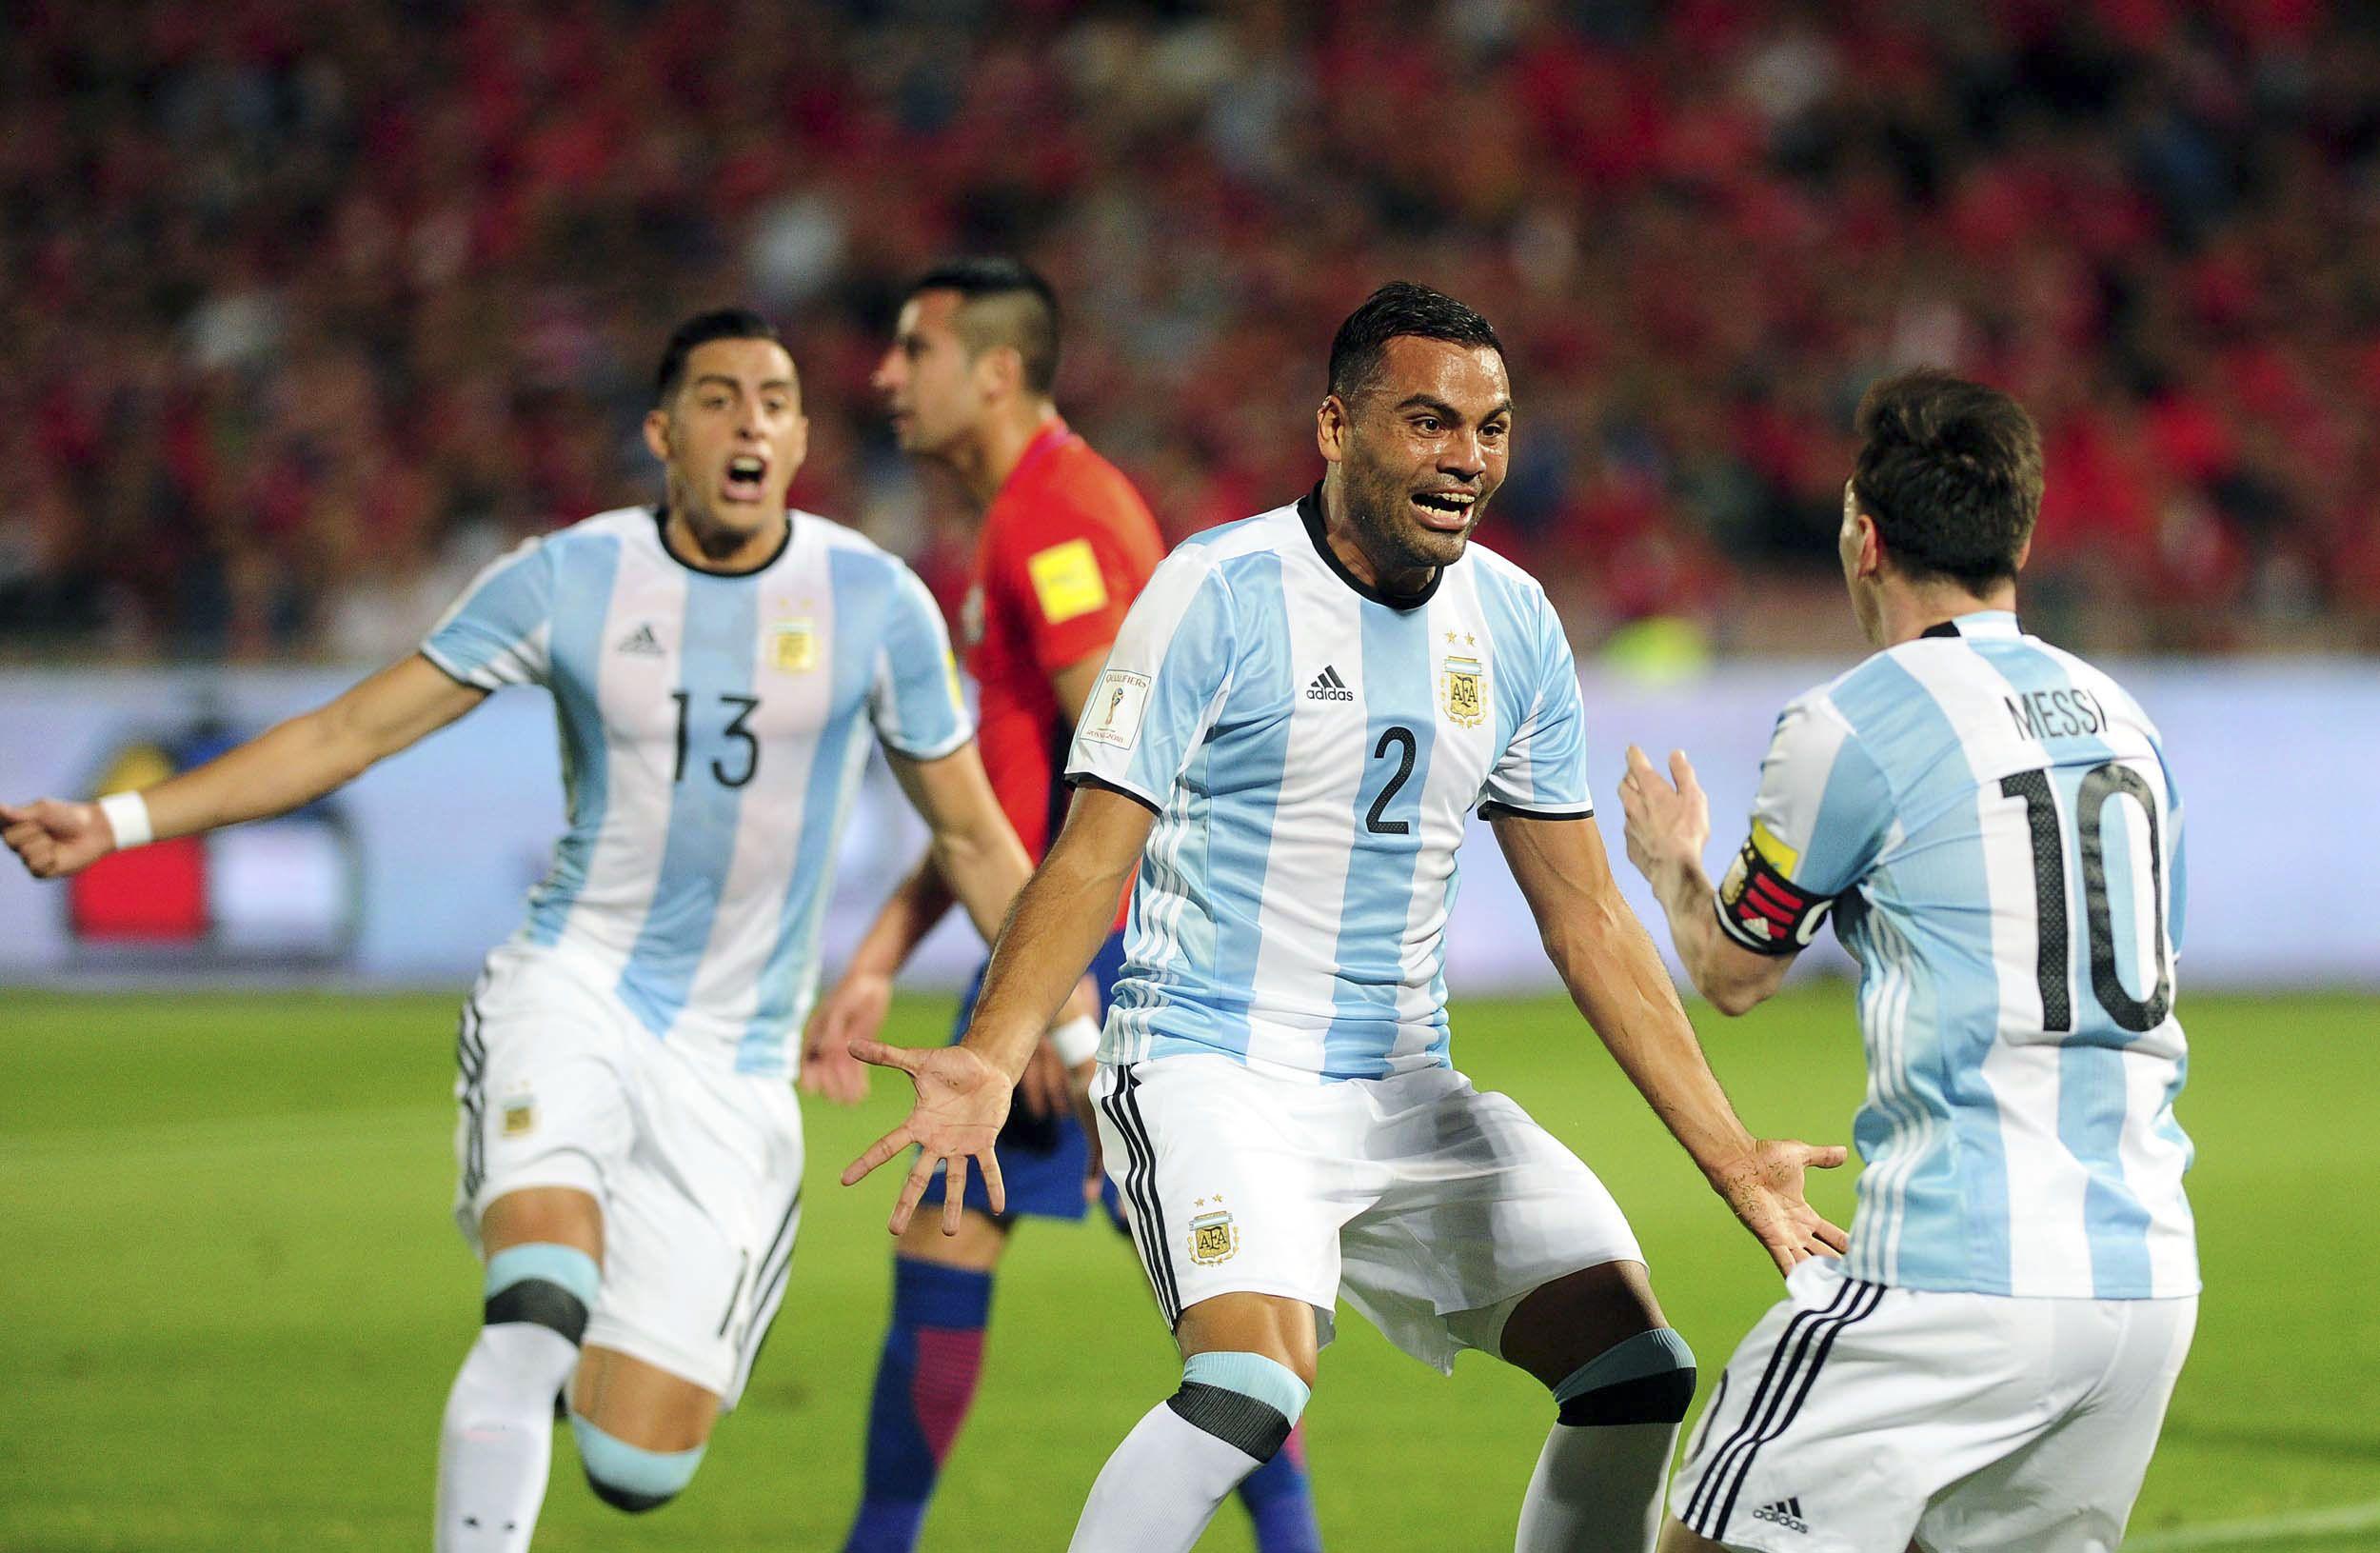 Tras el anuncio de la lista de la Selección, Mercado tuvo el apoyo menos esperado